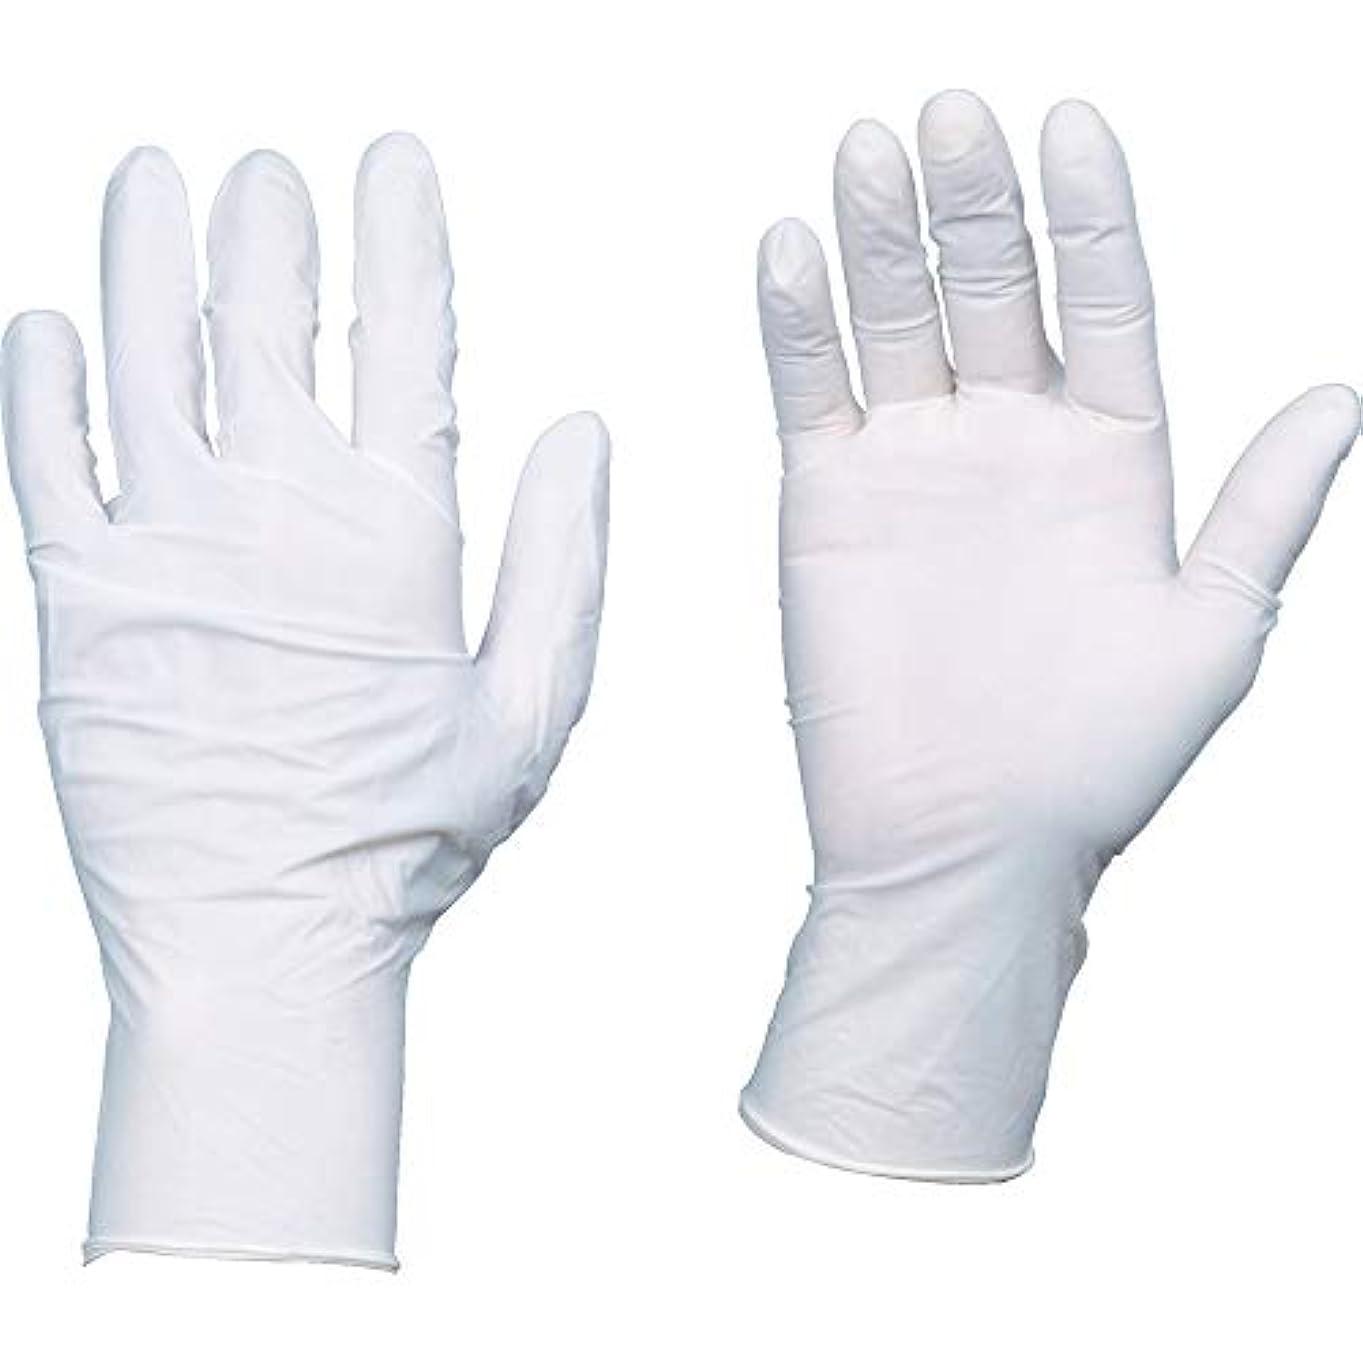 主聖なる曲がったTRUSCO(トラスコ) 10箱入り 使い捨て天然ゴム手袋TGワーク 0.10 粉付白M TGPL10WM10C